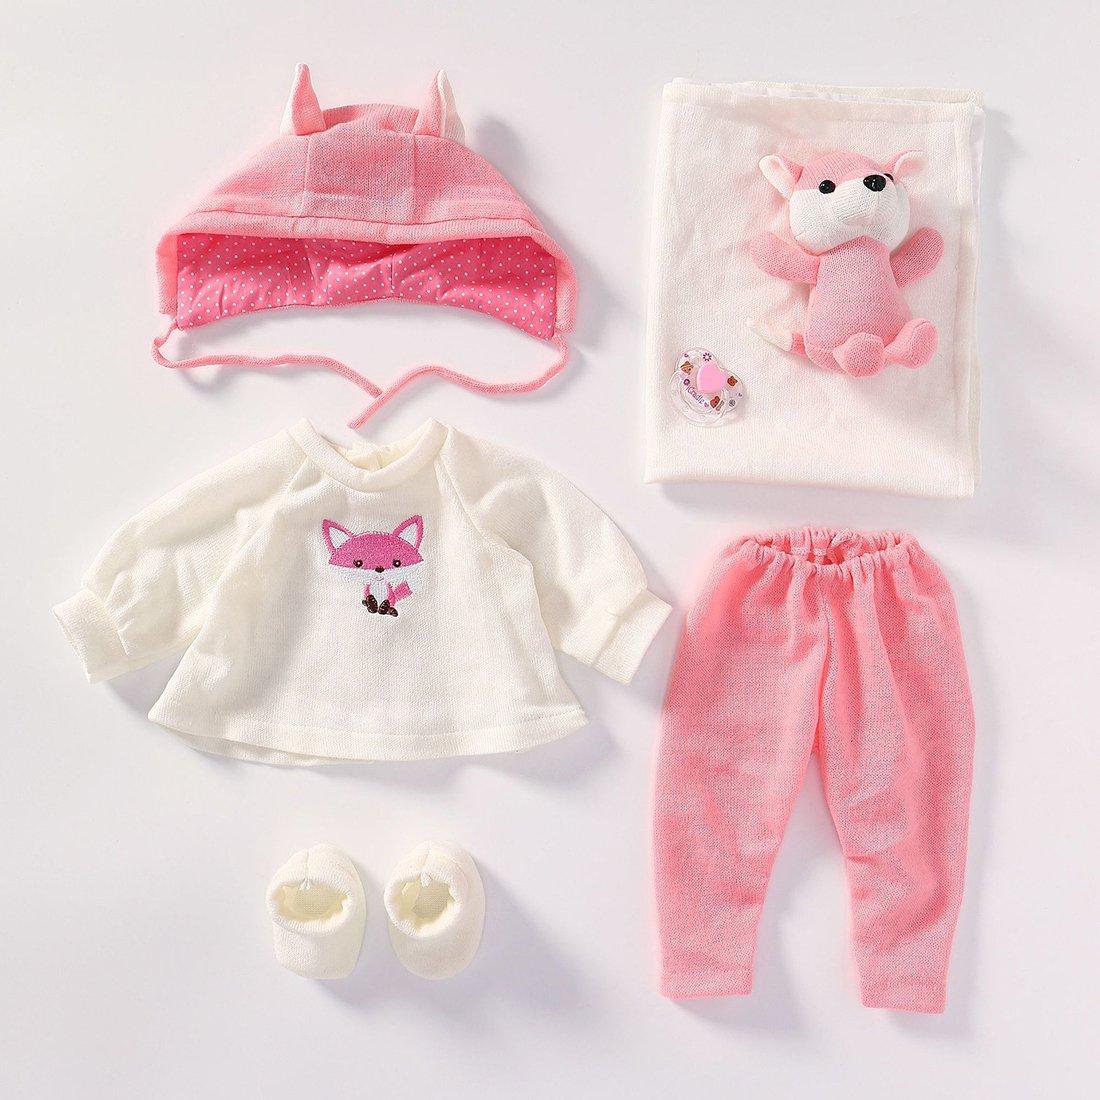 Vêtement Convient pour Les Vêtements de Poupée de 20-22 Pouces, Bébé Reborn Baby Doll, Vêtements (6 en 1)